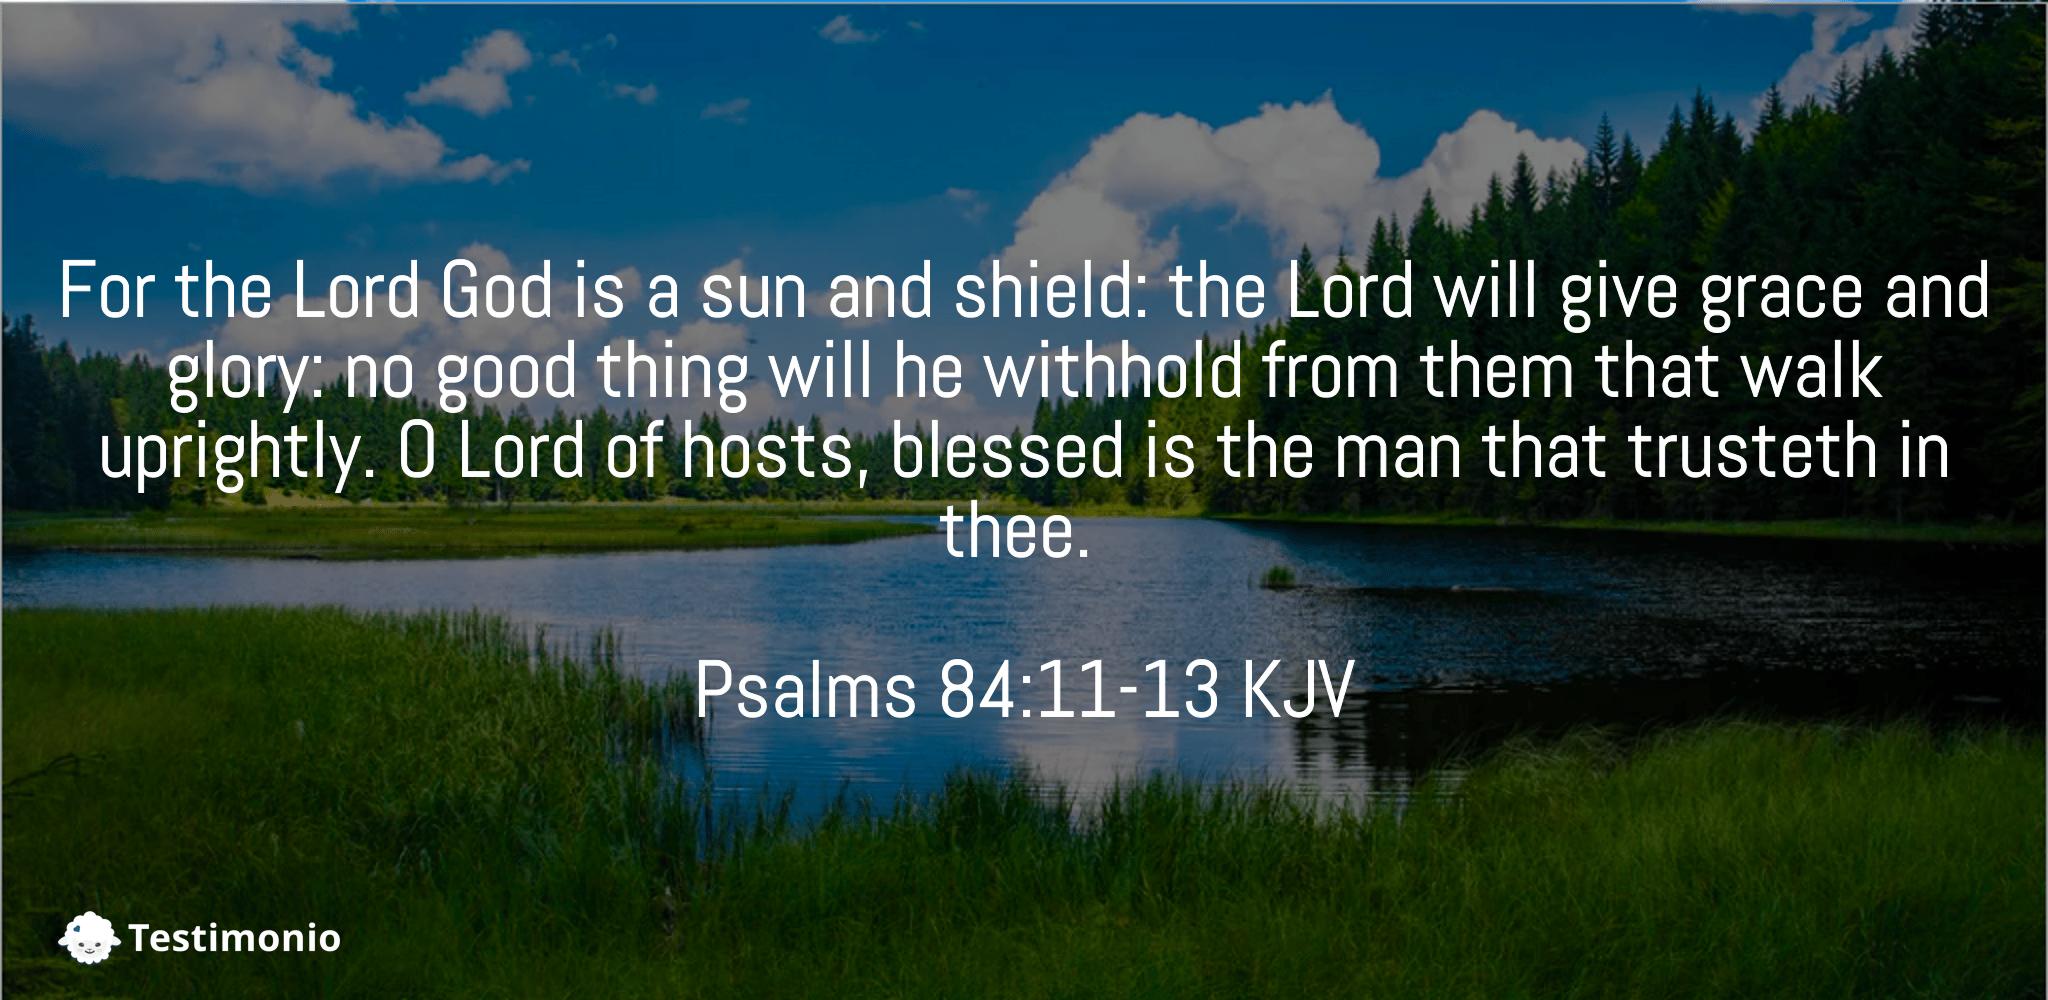 Psalms 84:11-13